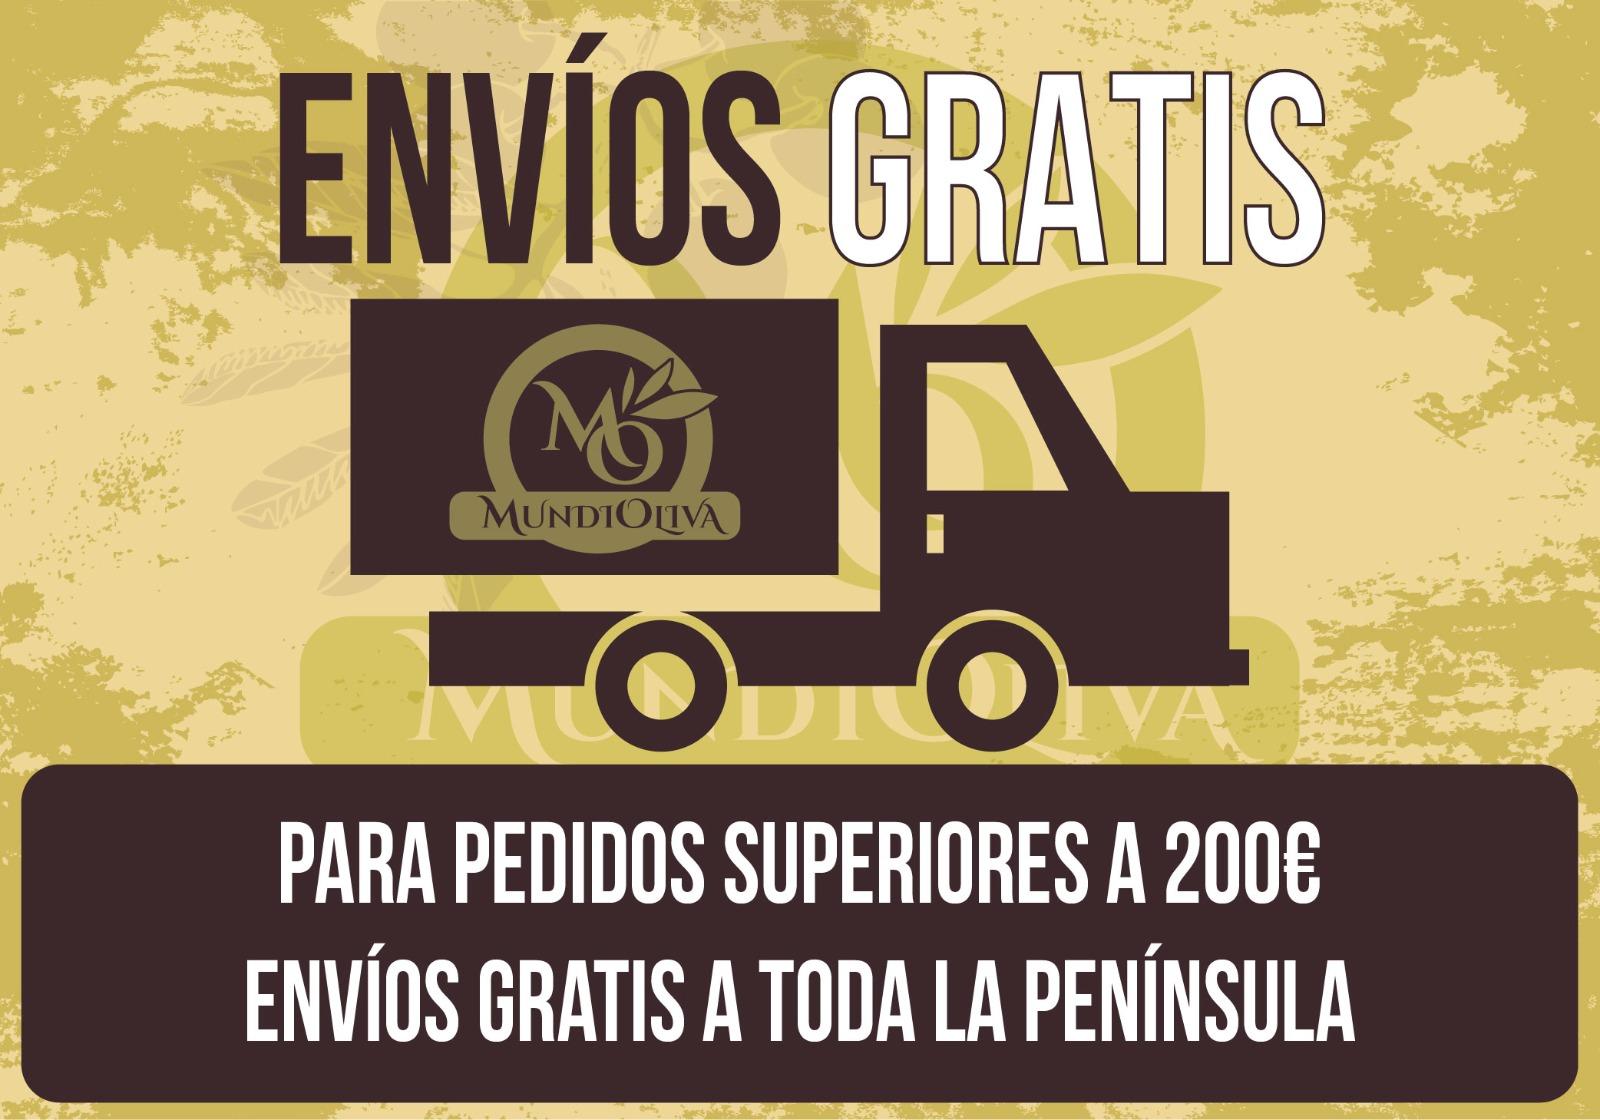 Envío Gratis por compras + 200 euros